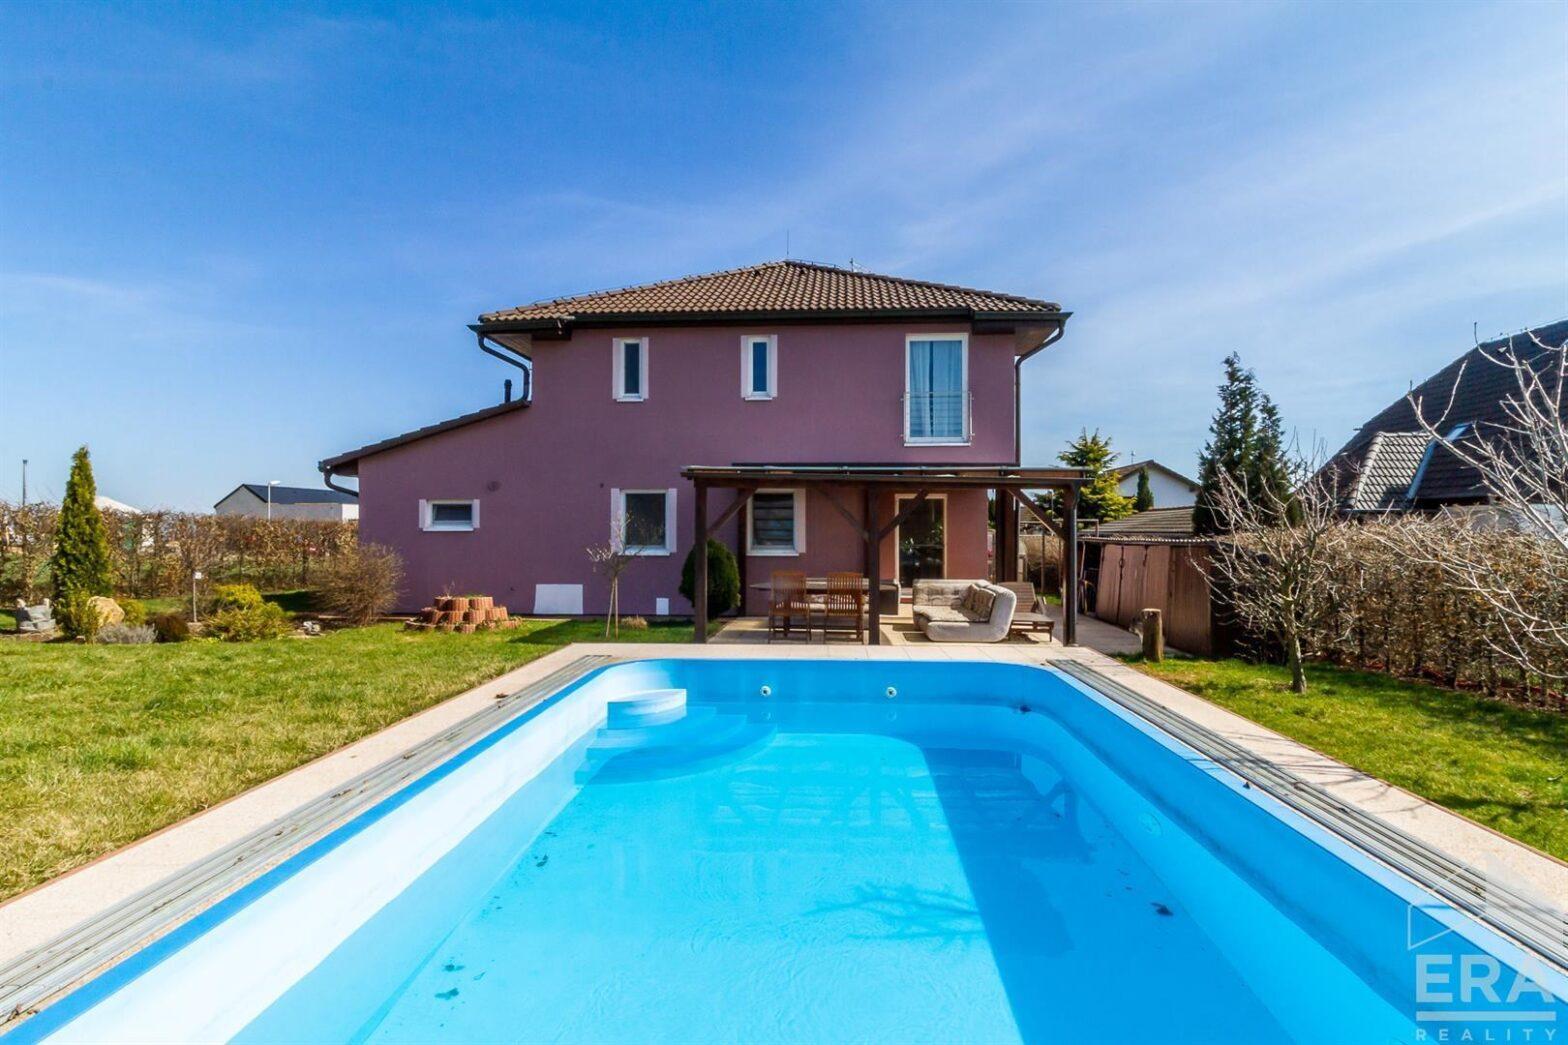 Prodej domu 7+1 (196m2) s pozemkem 733m2 ve Vysokém Újezdu